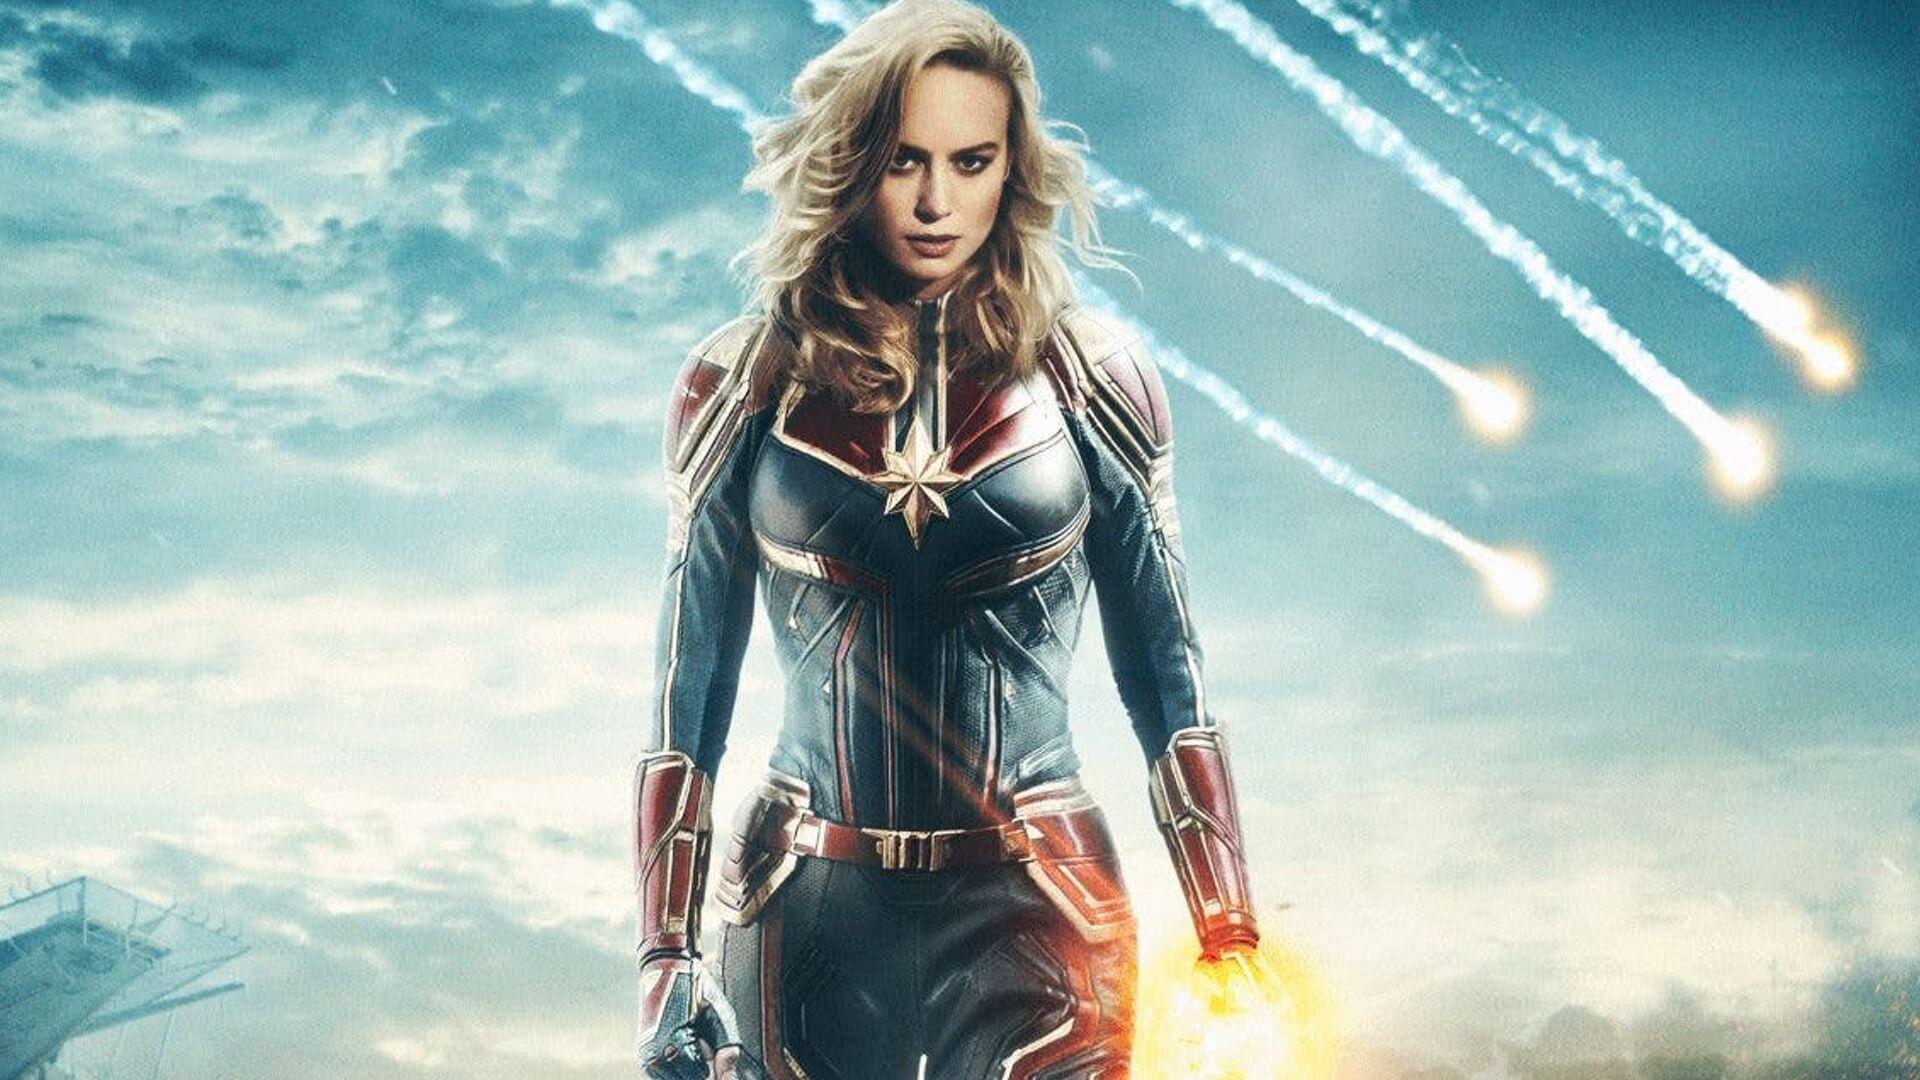 未演先轟動的《驚奇隊長》(Captain Marvel) 北美預購成績驚人,也讓粉絲更加期待本片與漫威電影宇宙其他作品的關聯及發展。